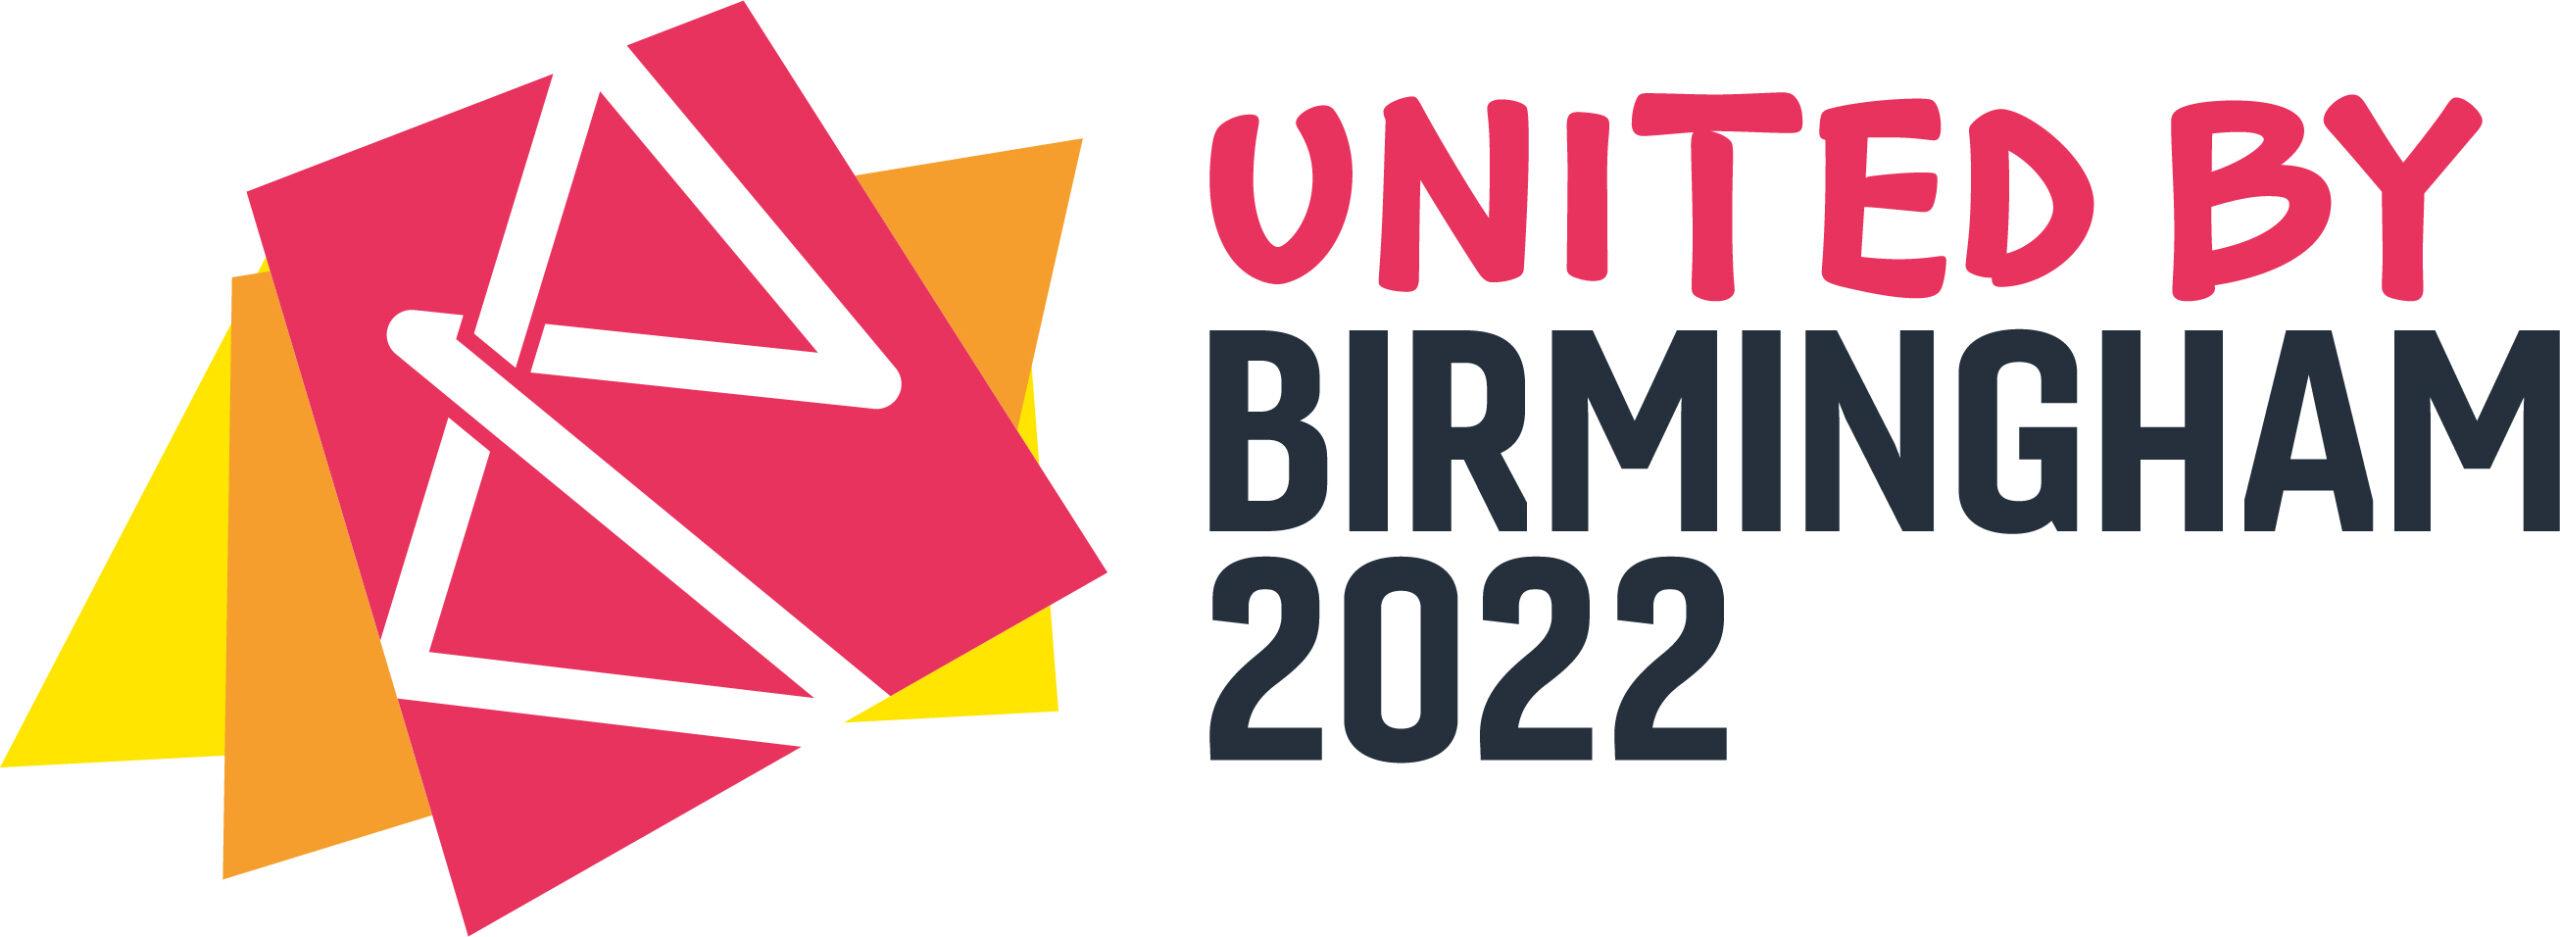 United By Birmingham 2022